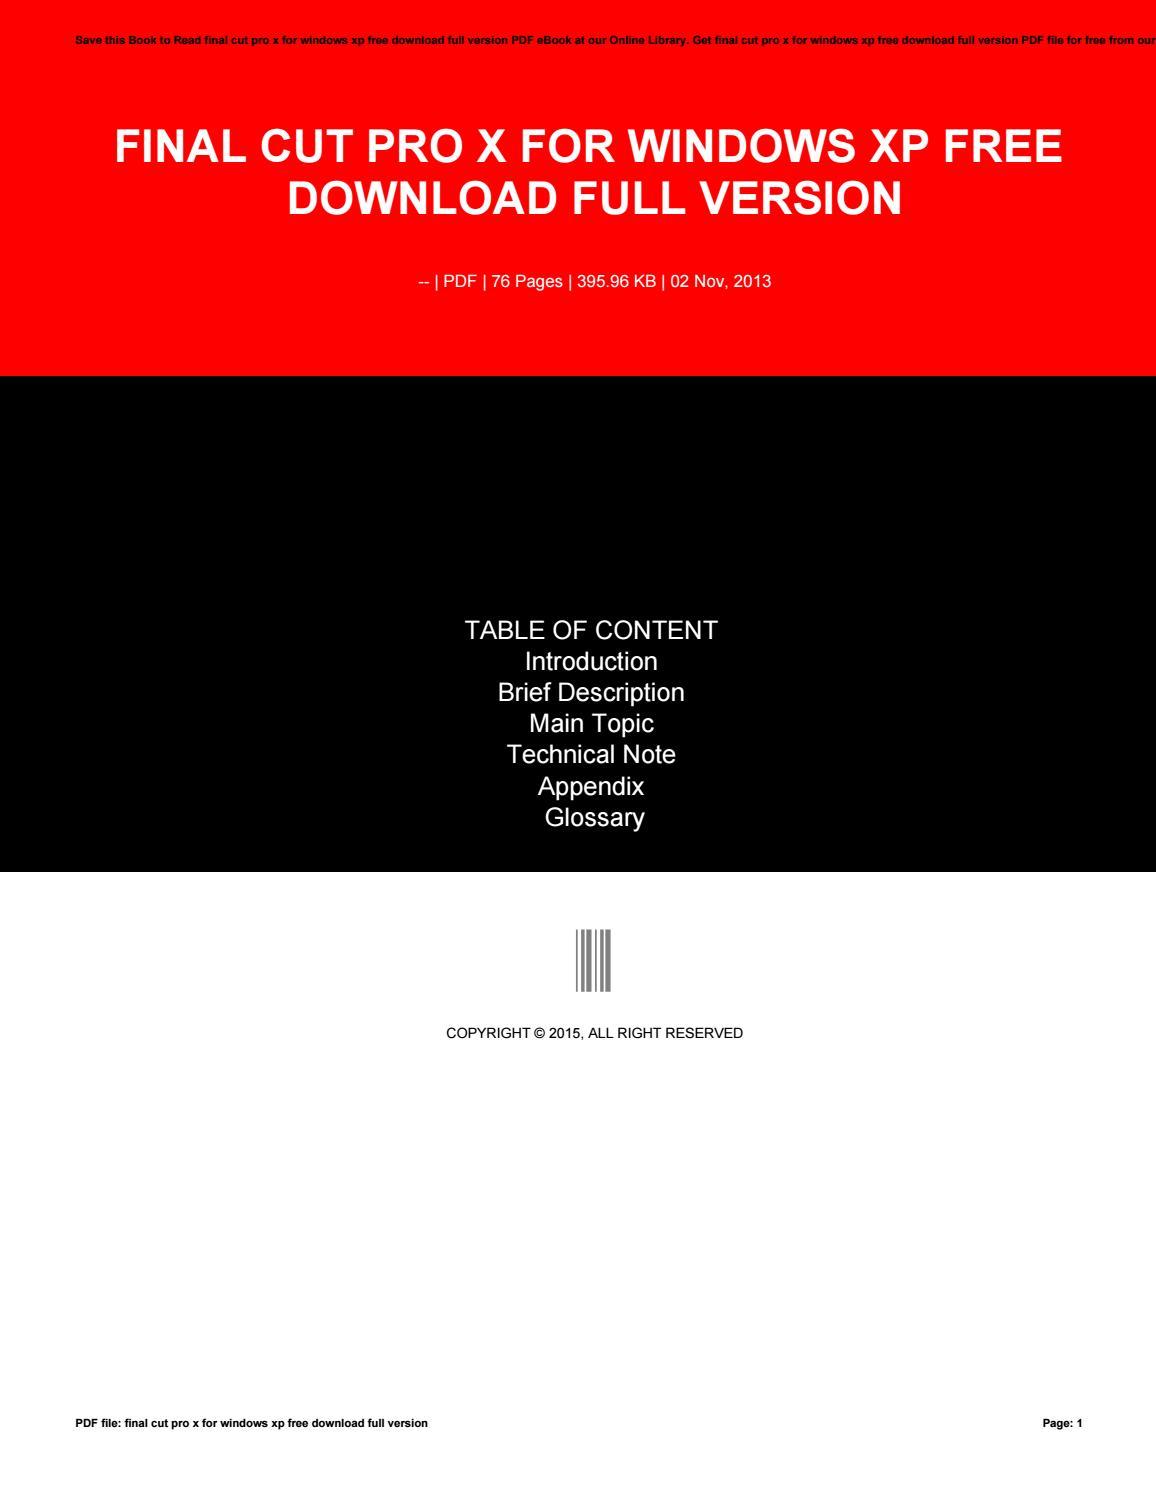 Adobe reader pdf windows 7 free download.